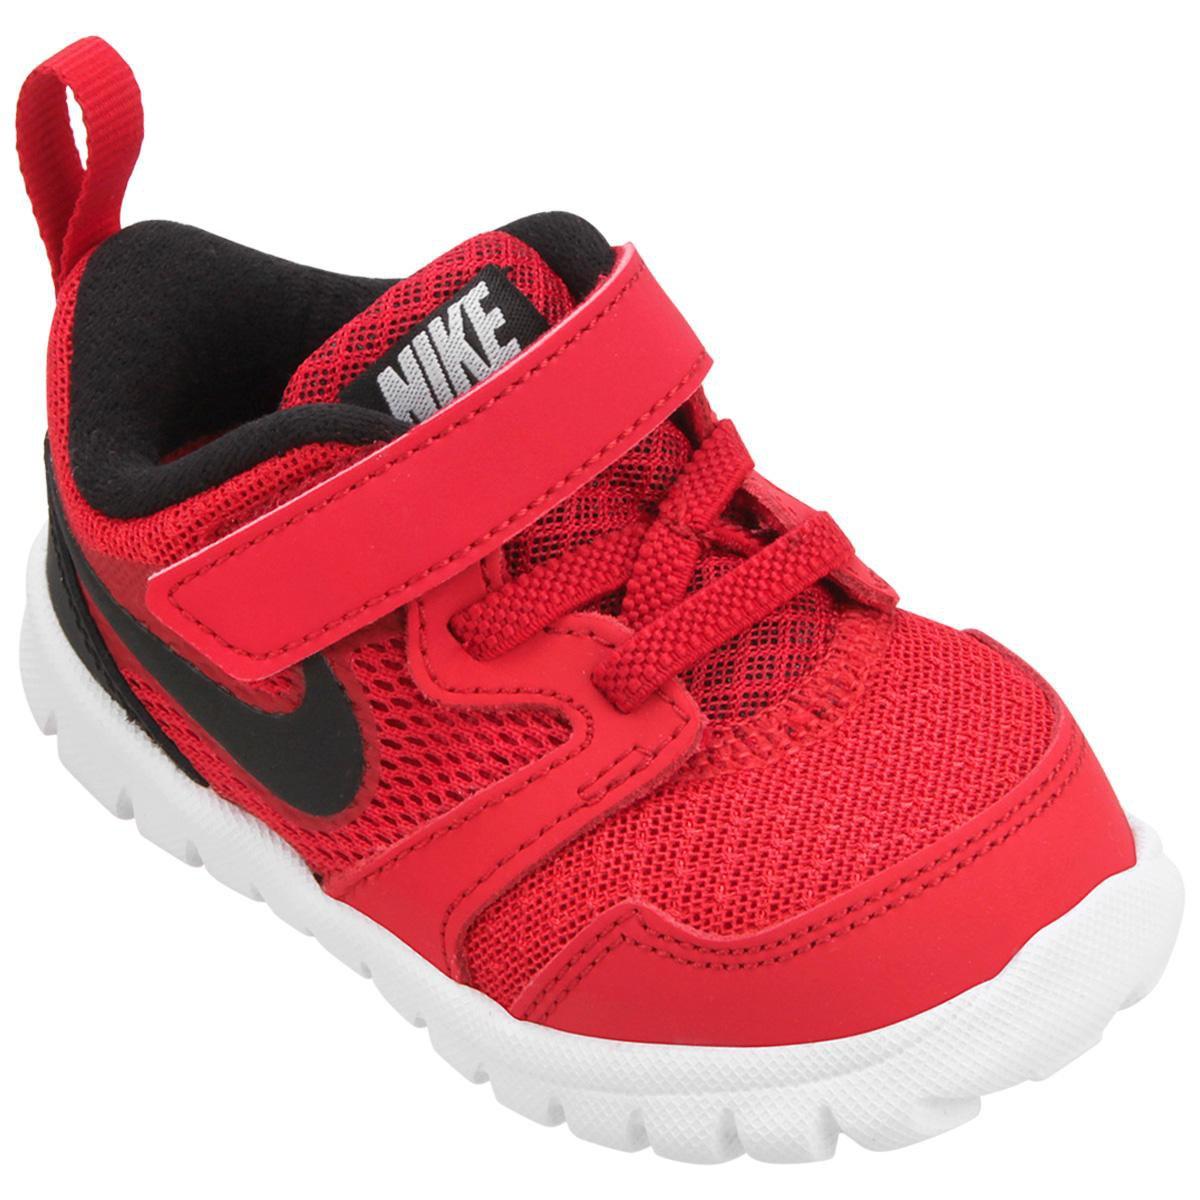 1539665a6fe Tênis Nike Flex Experience 3 Infantil - Compre Agora